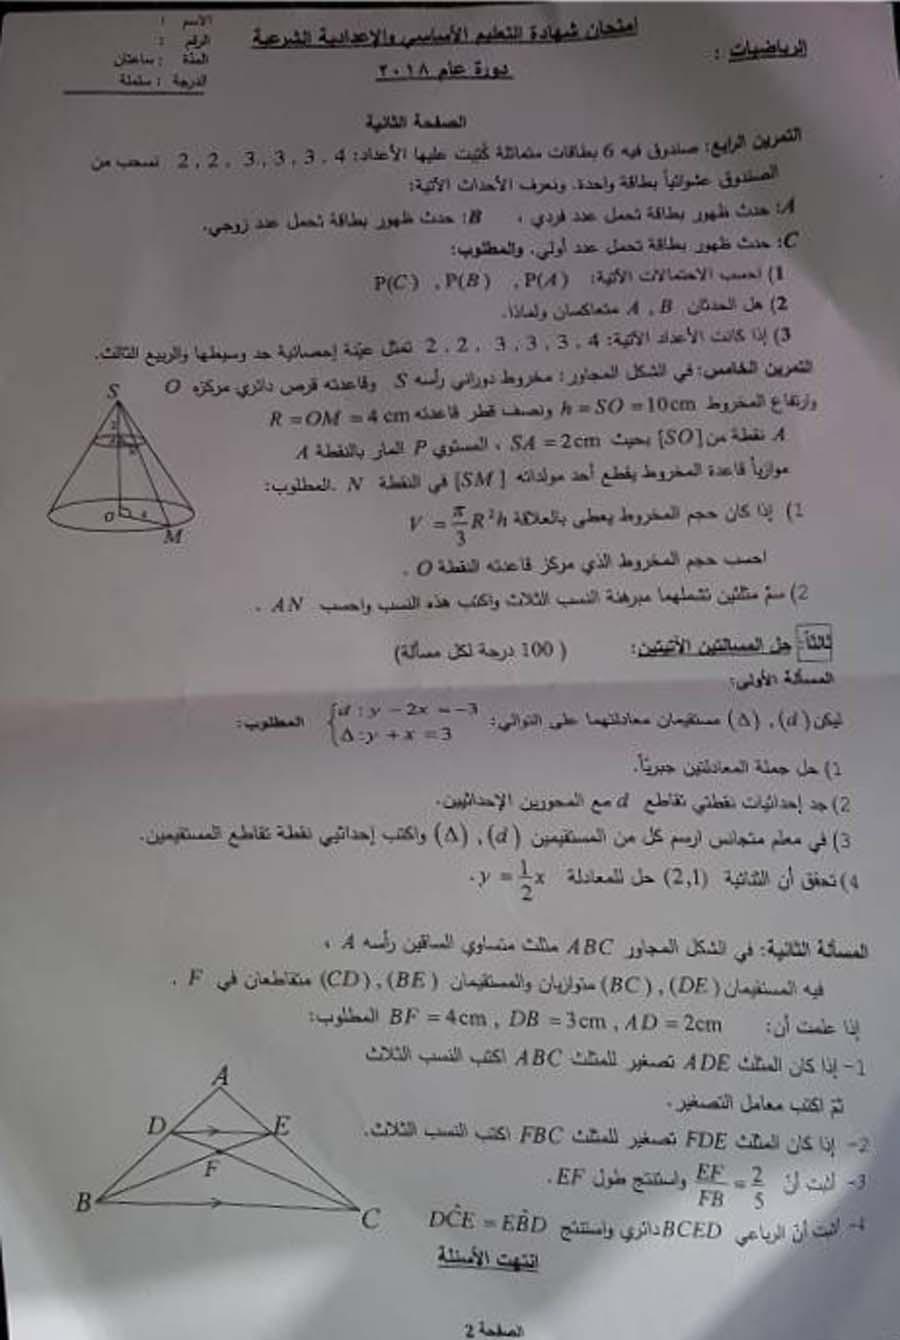 اللاذقية  اسئلة الرياضيات تاسع دورة 2018 مع الحل- الامتحان النهائي سوريا